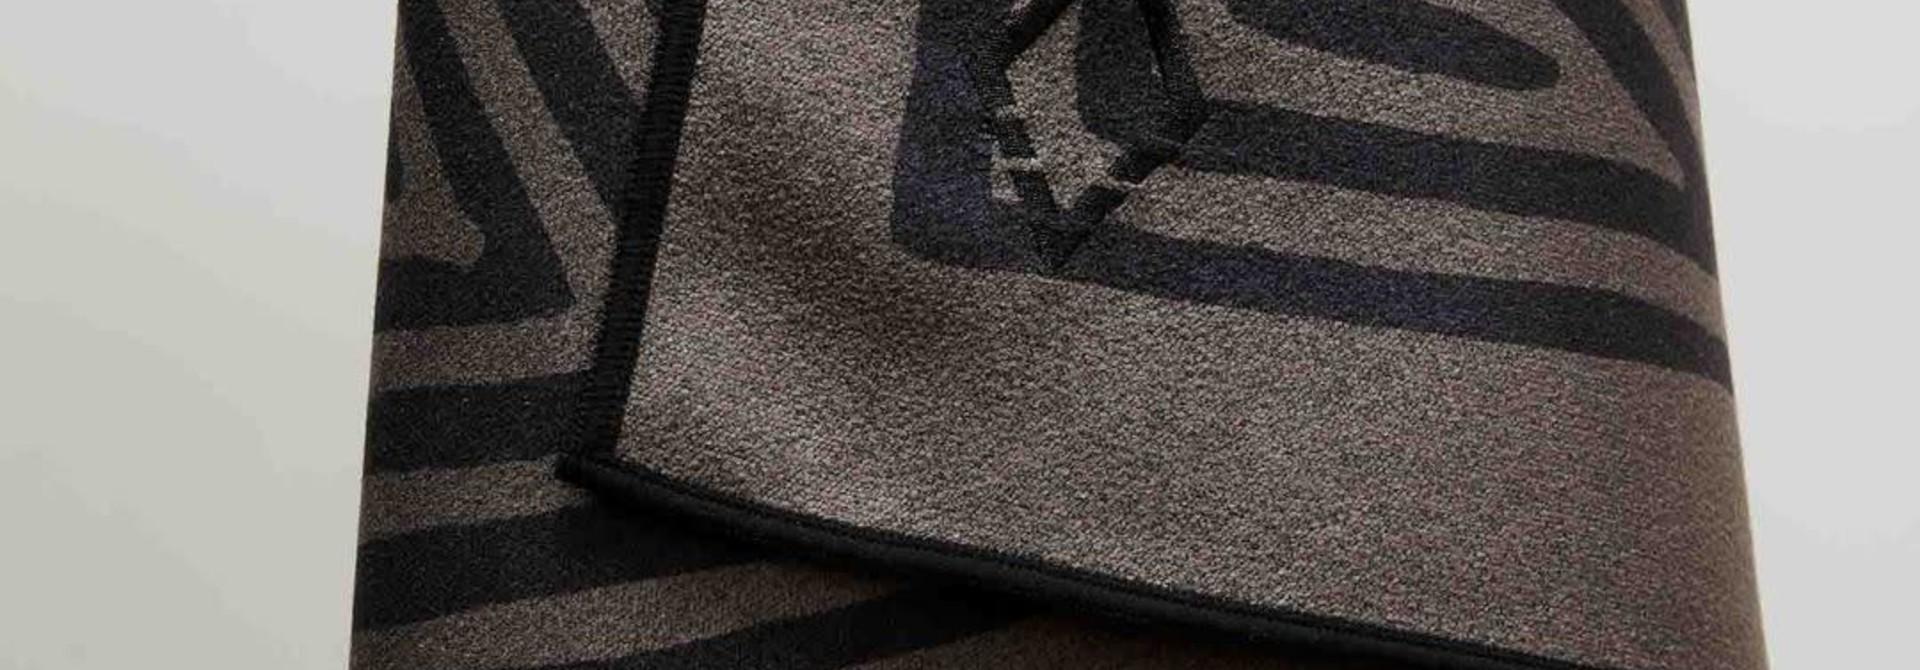 Nomadix La Playa Brown Black Towel